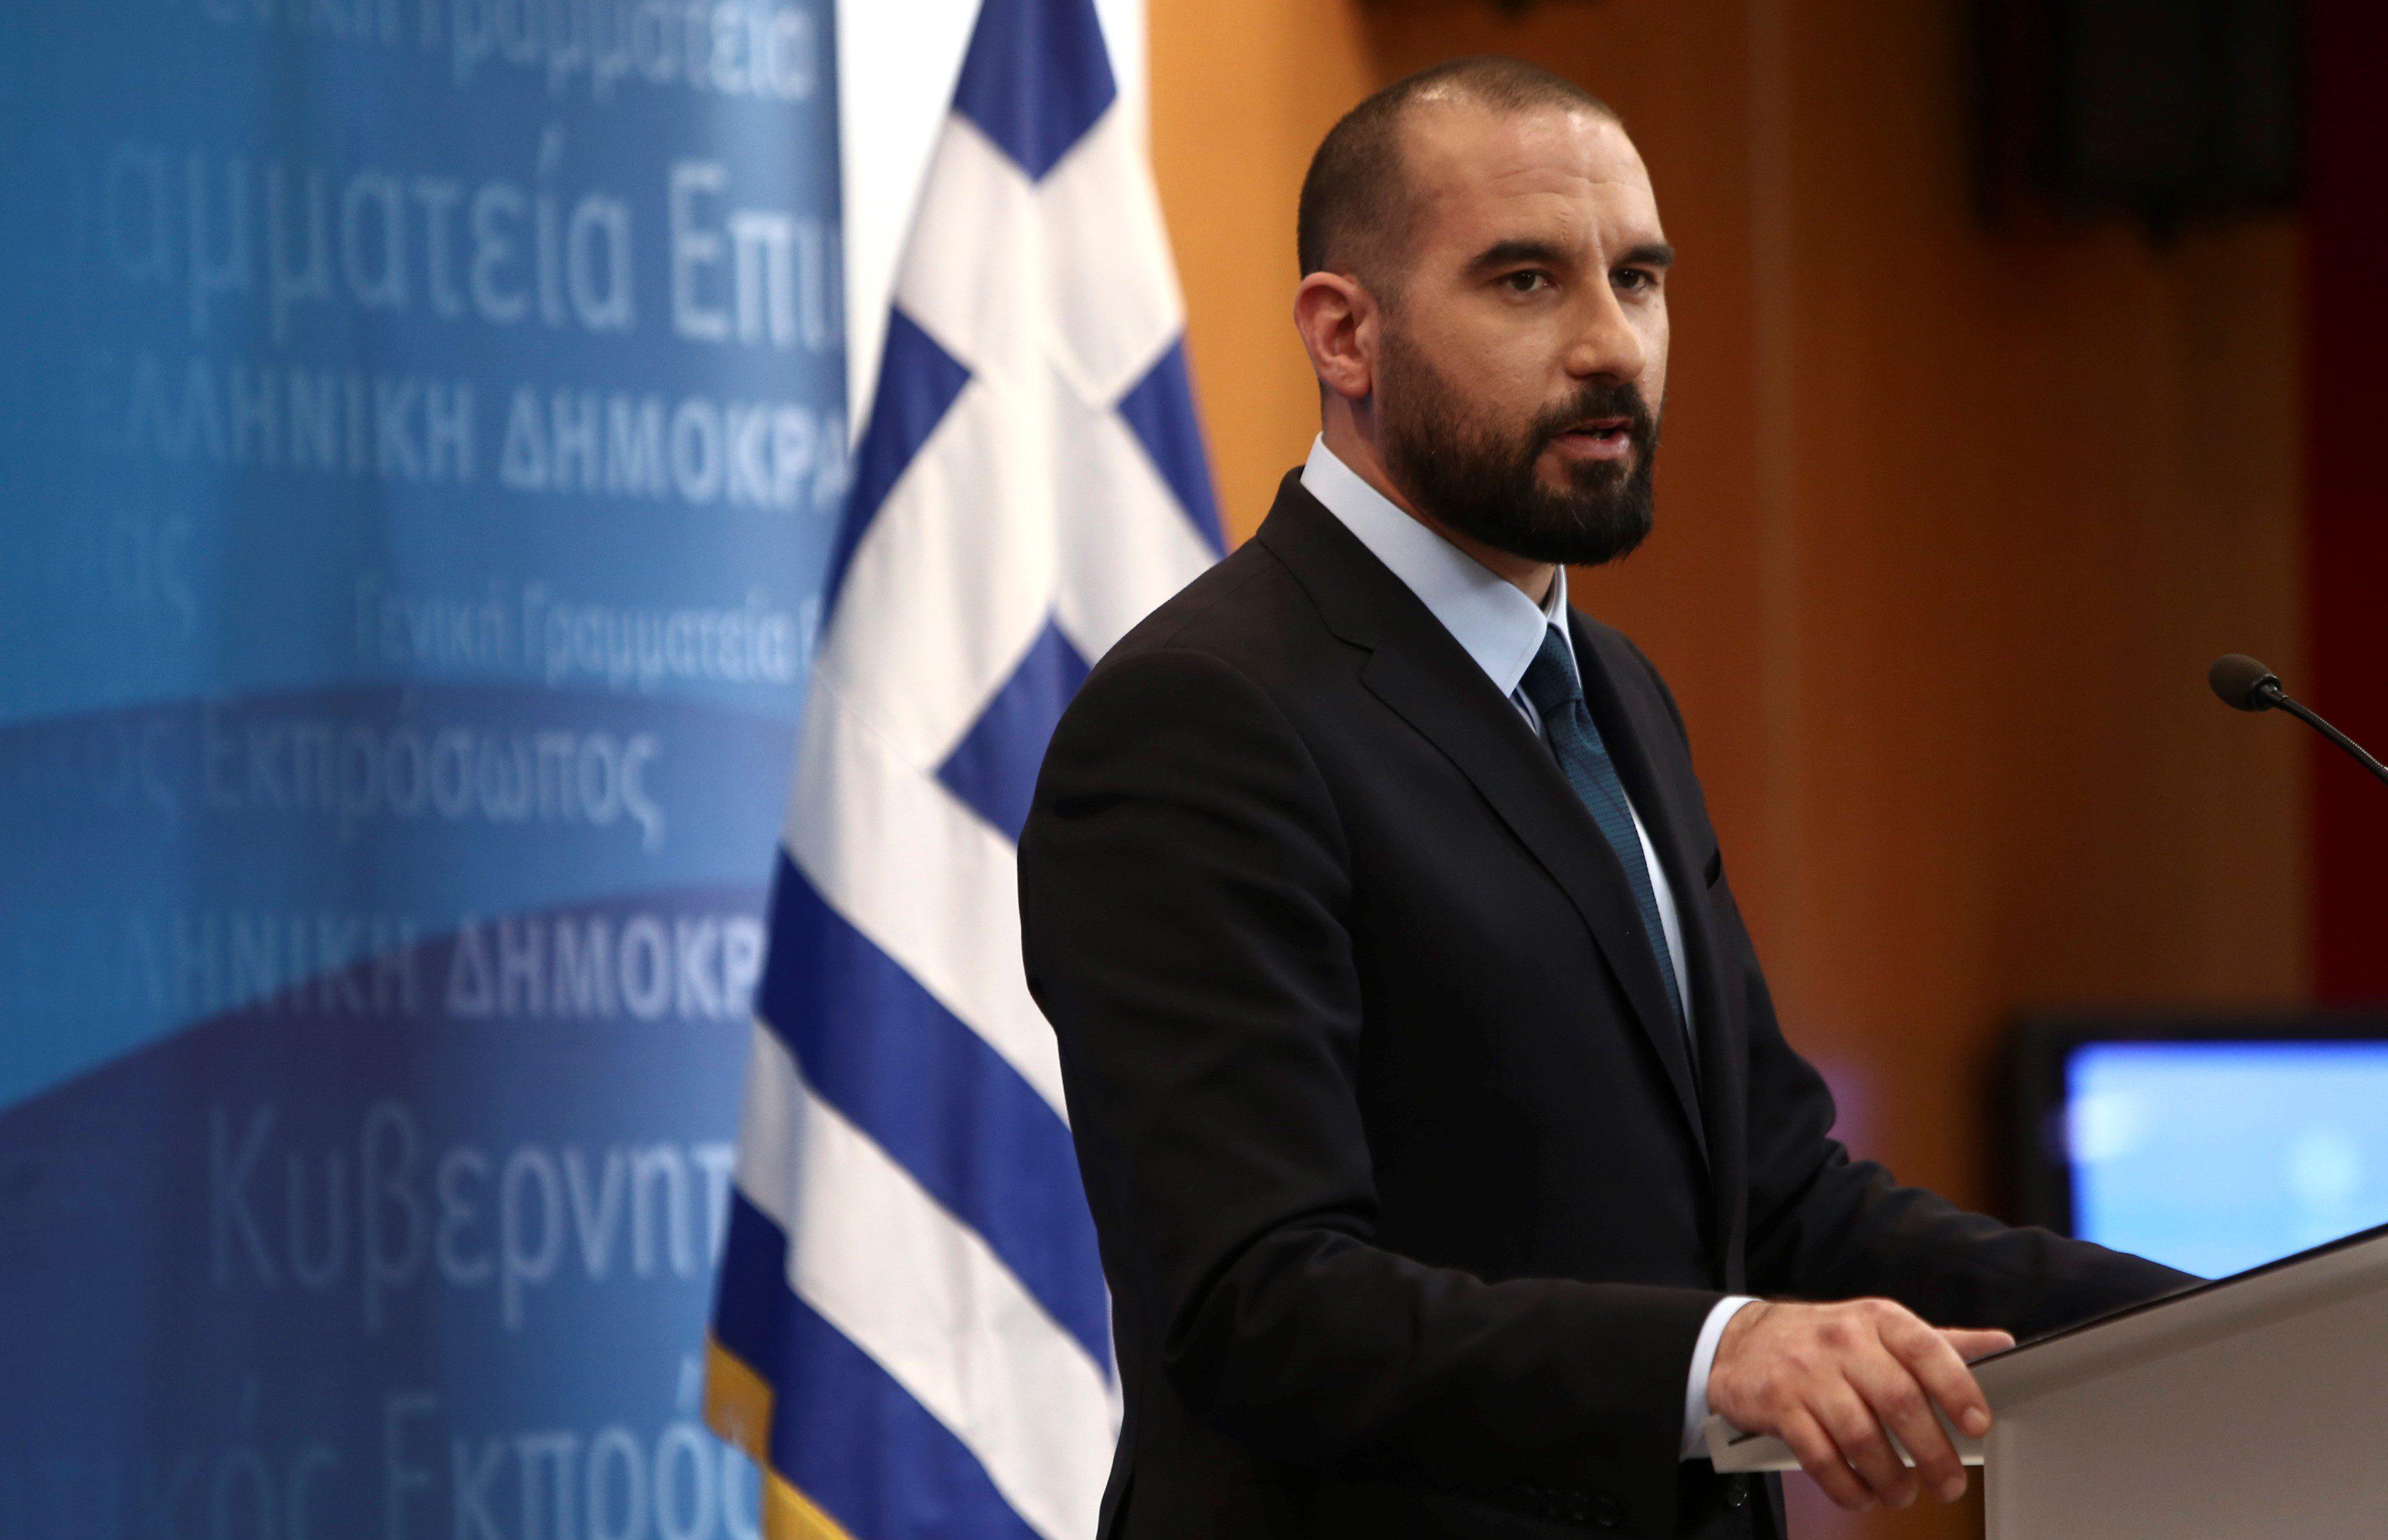 Τζανακόπουλος: «Δεν υπάρχει συμφωνία για το Σκοπιανό»